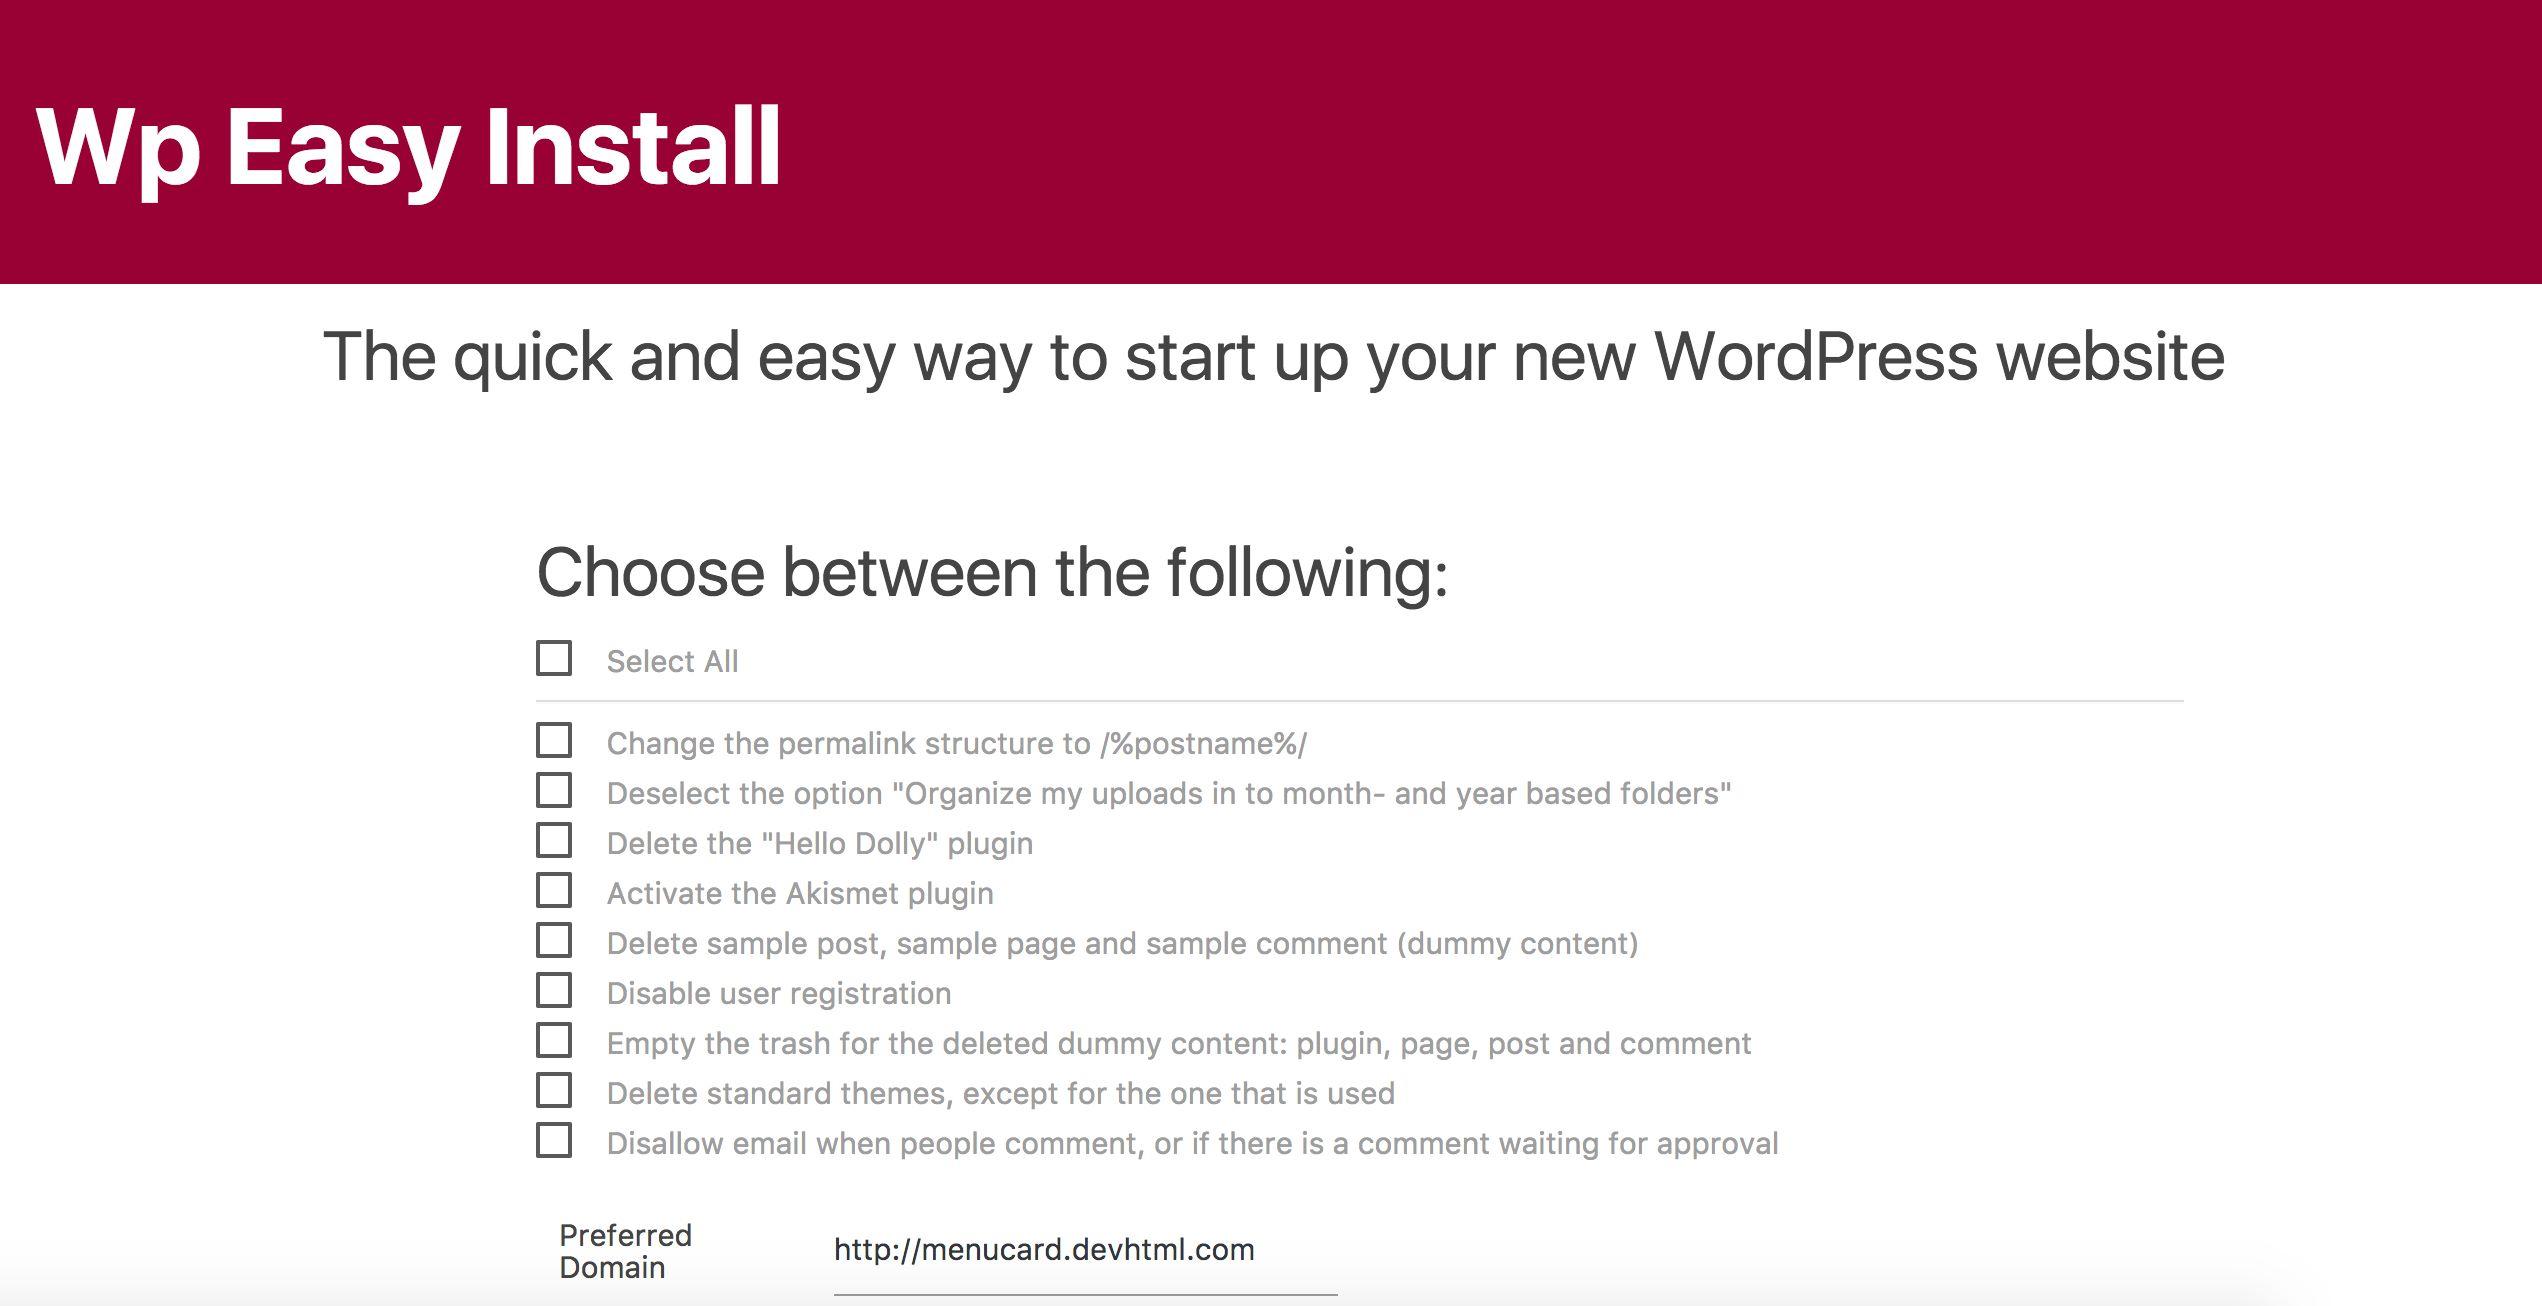 Como completar el proceso de instalación de WordPress con el plugin WP Easy Install